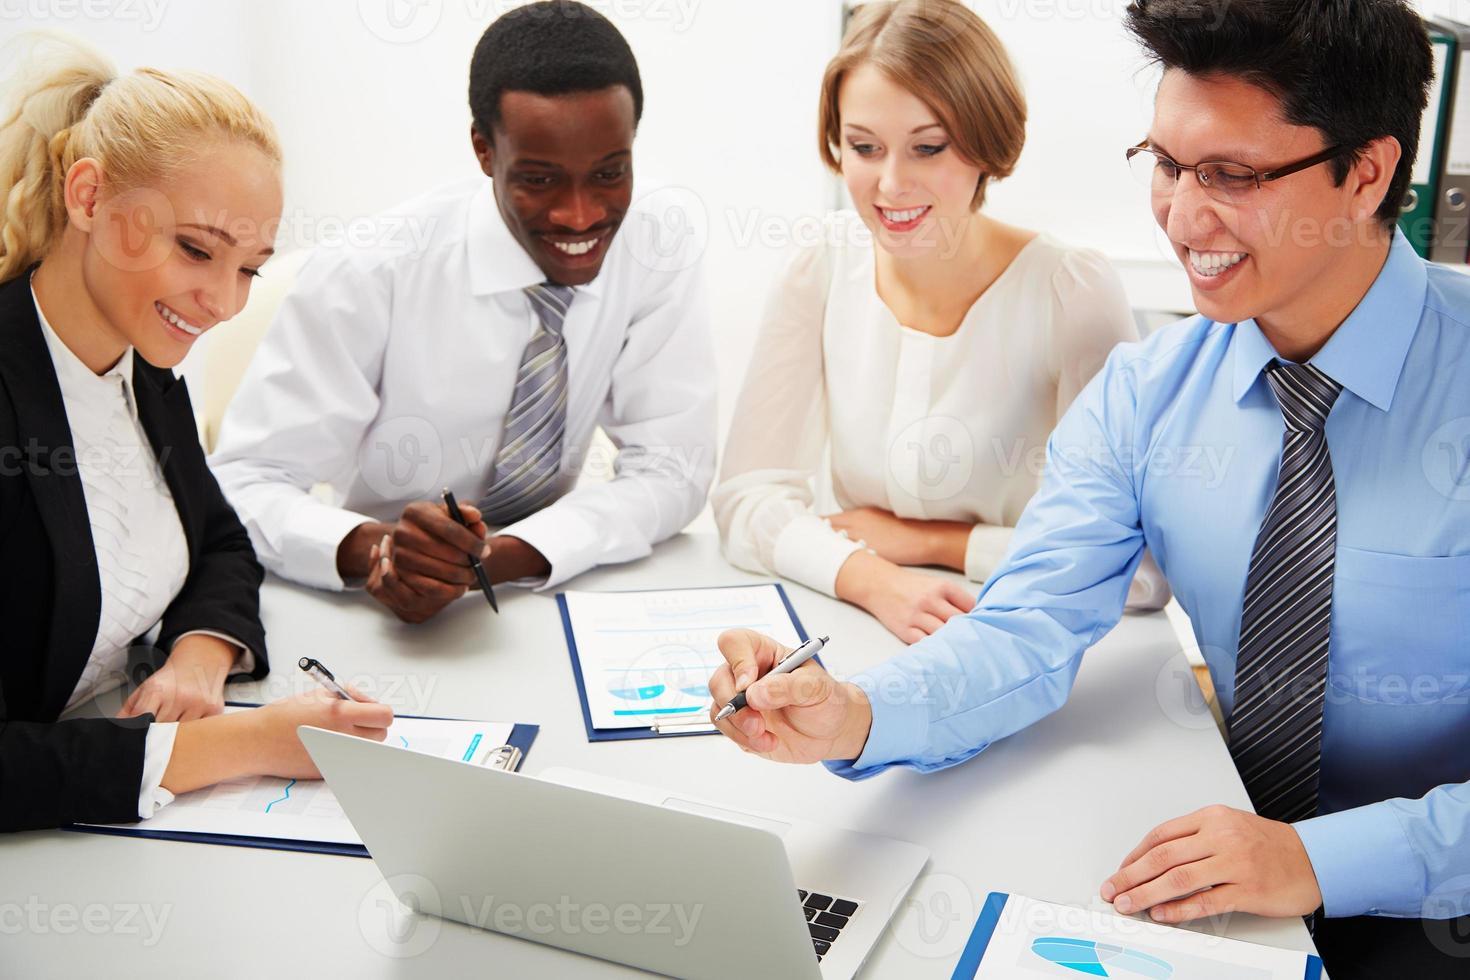 mensen uit het bedrijfsleven samenwerken. foto